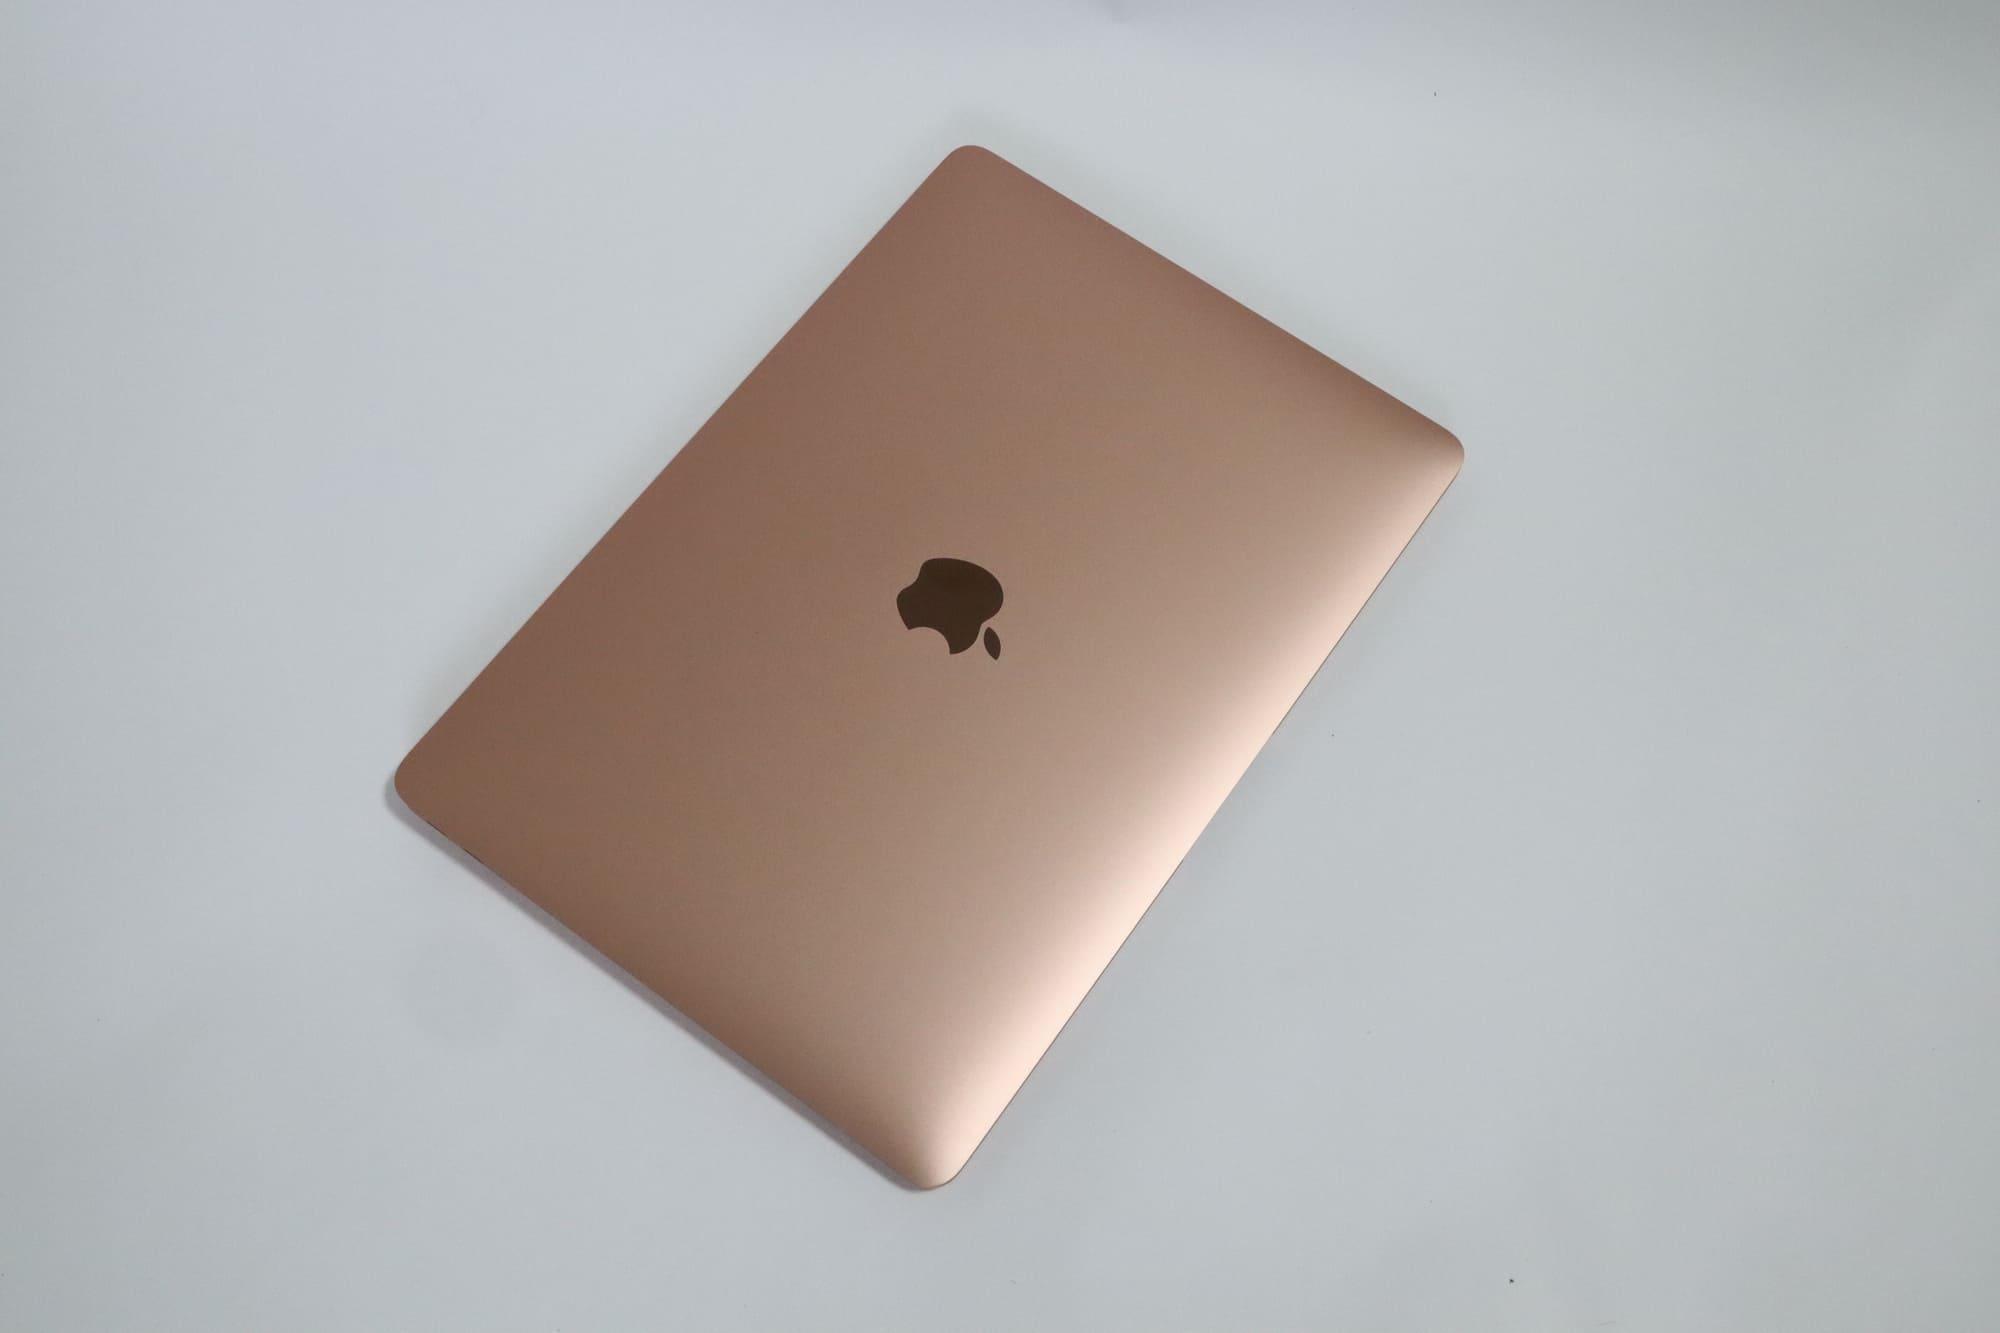 MacBook Air 2020の外観デザイン